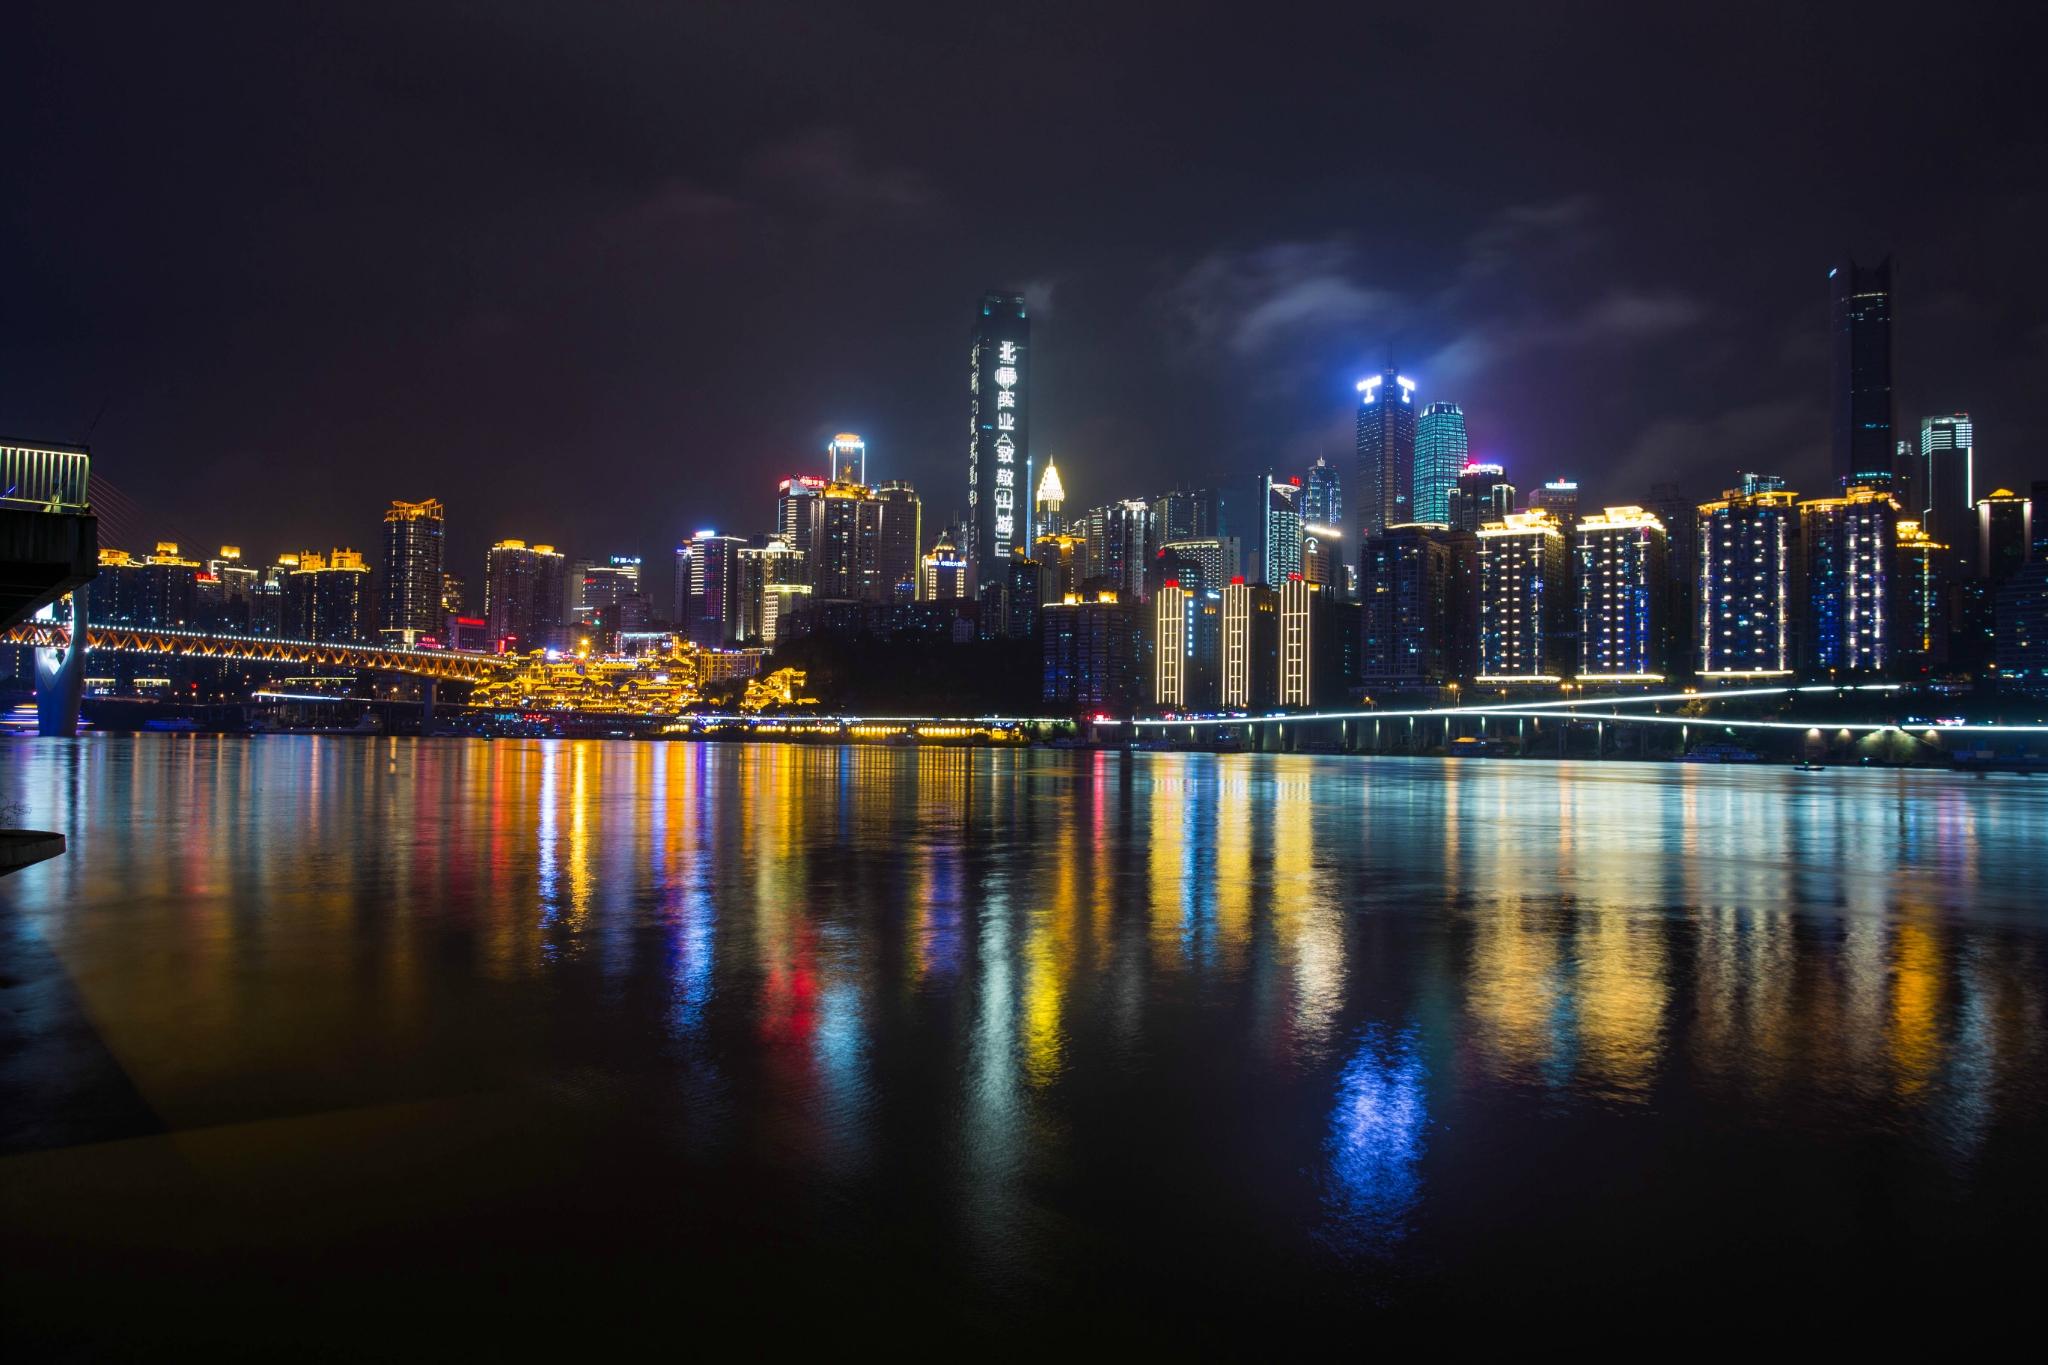 重庆 | 山城小众景点及网红美食攻略,以正确的方式打开重庆【第一集】